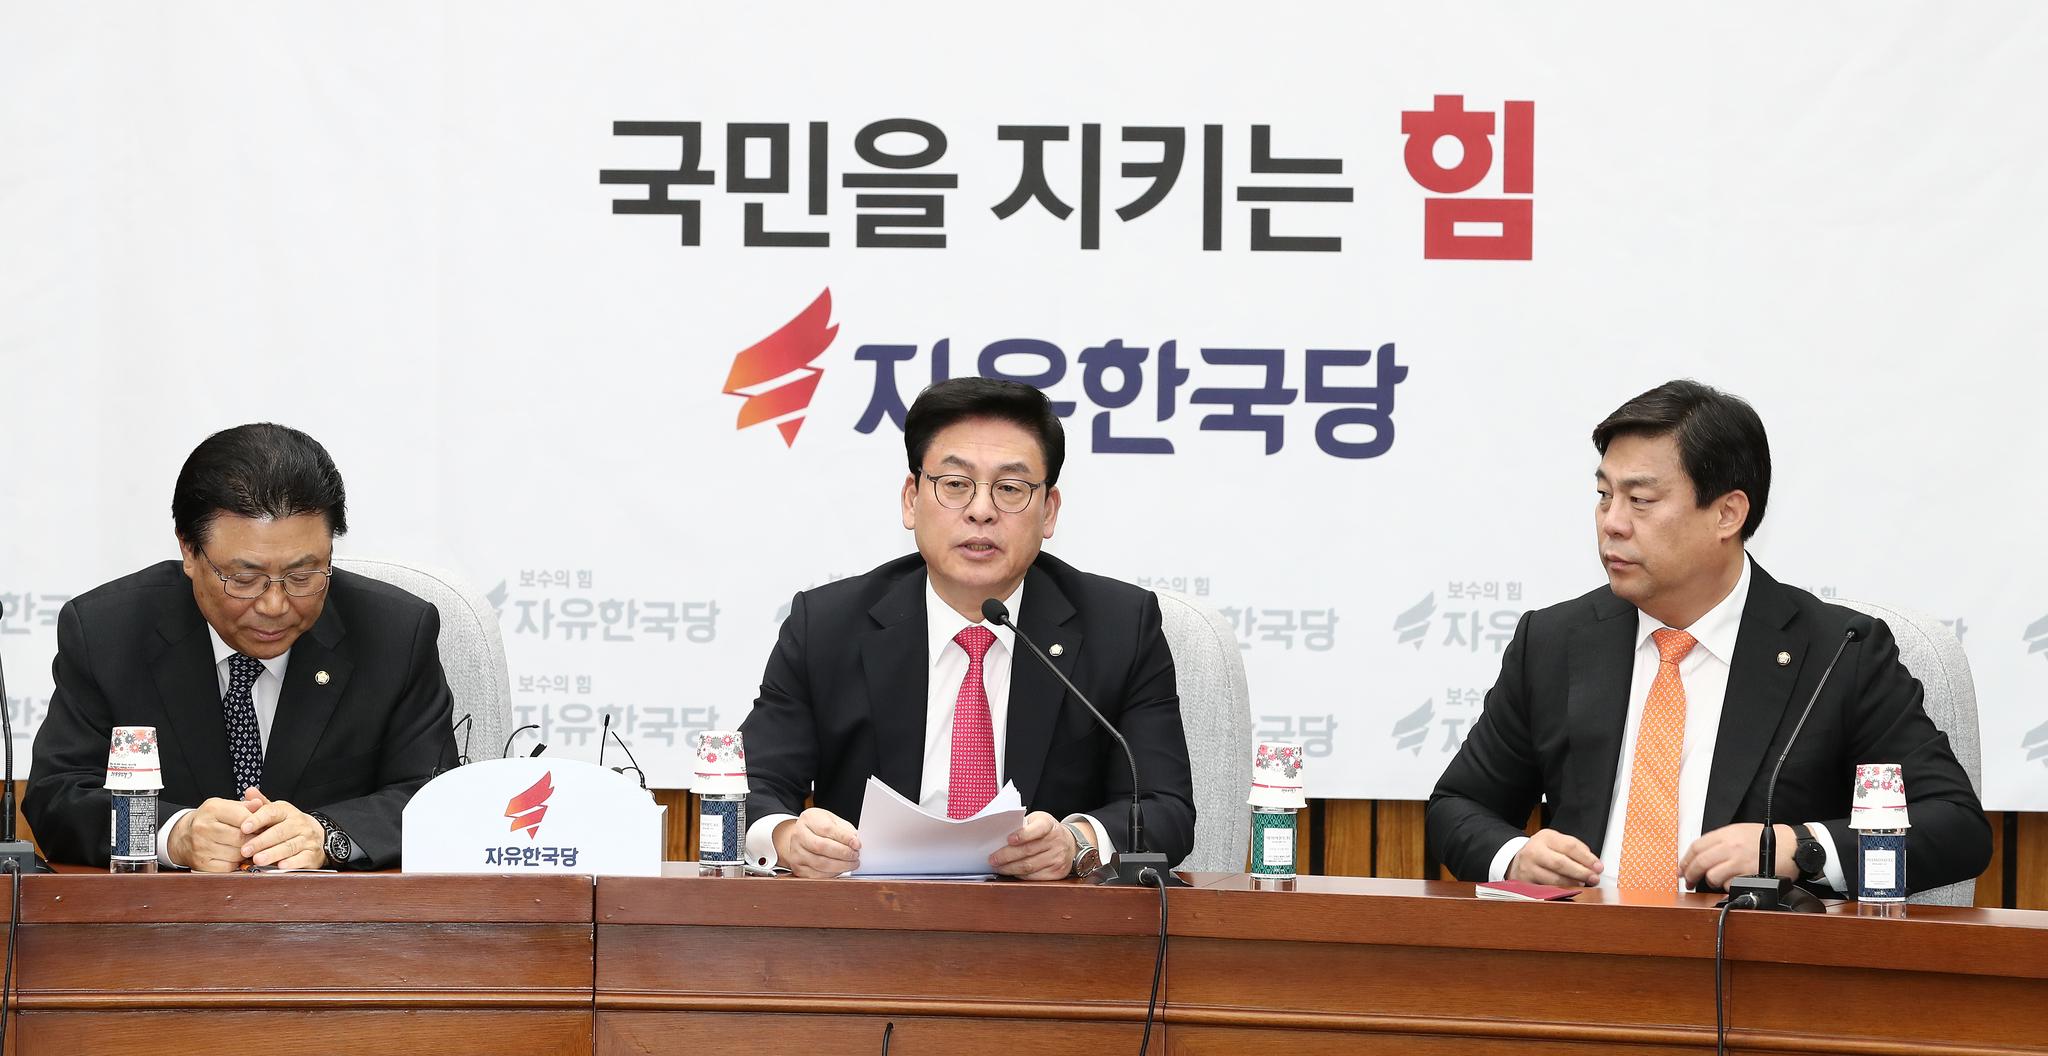 자유한국당 정우택 원내대표(가운데)가 지난 3일 국회에서 열린 원내대책회의에서 발언하고 있다. 김현동 기자